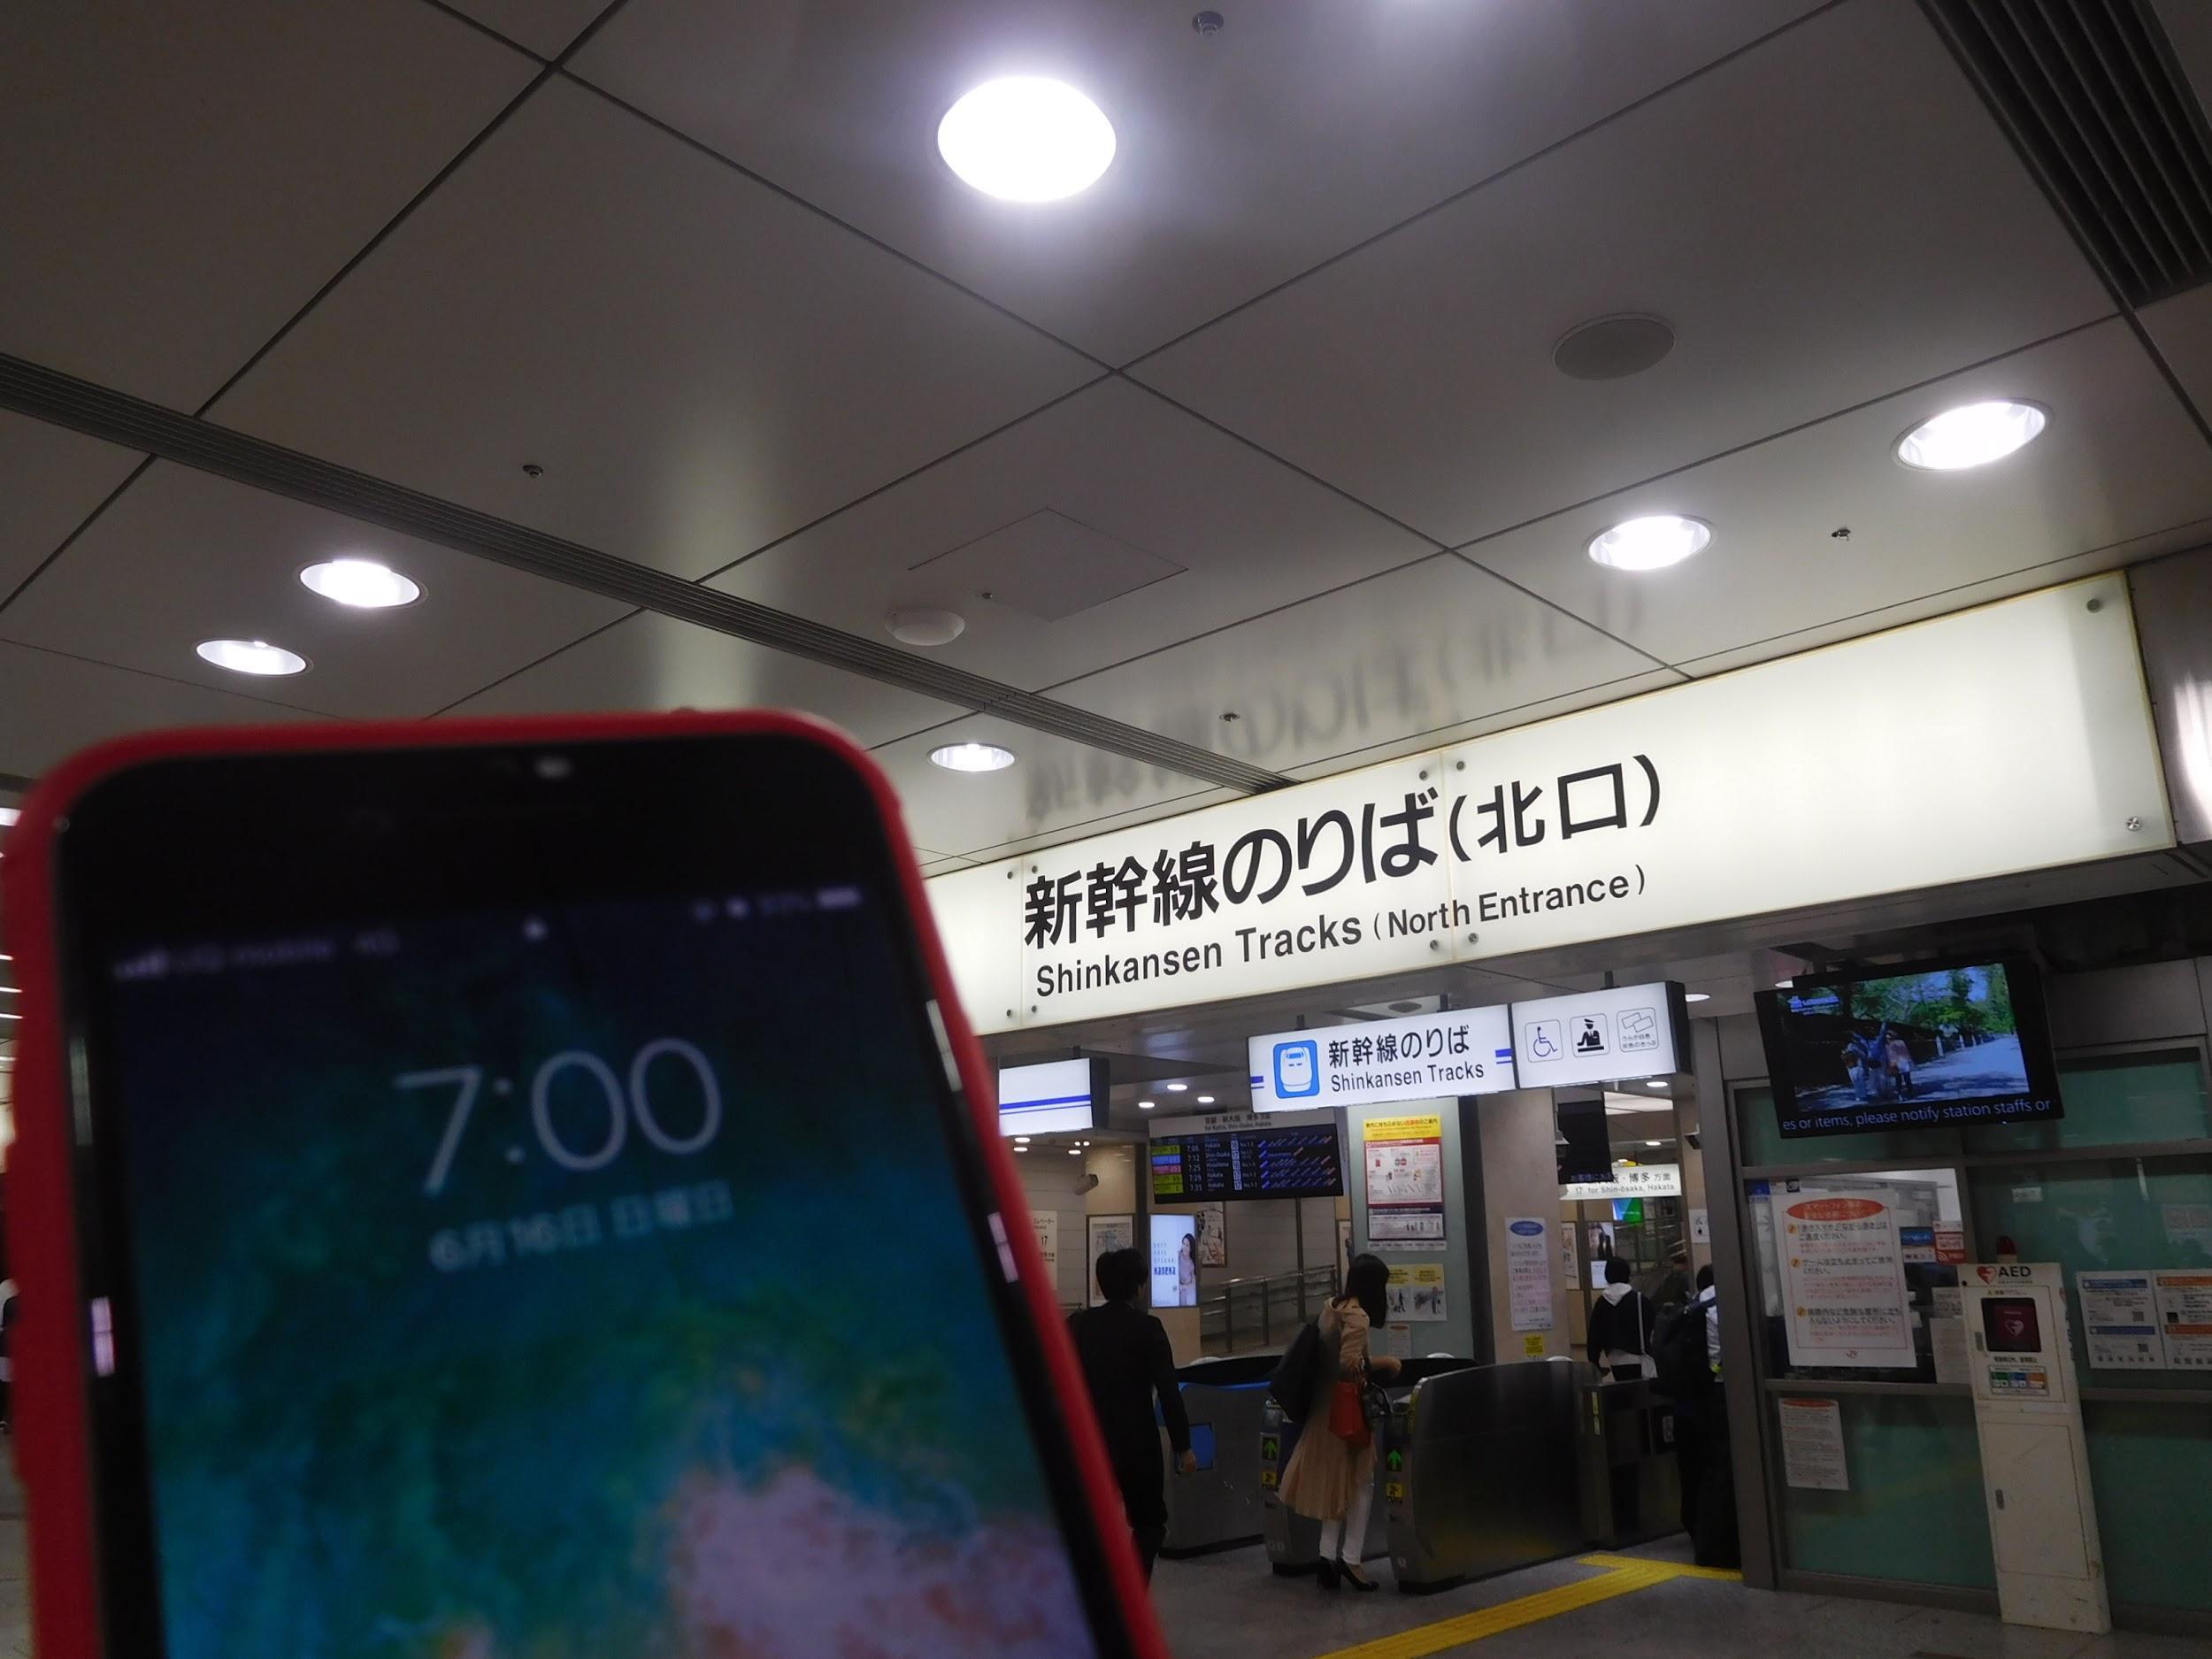 新幹線のりば(北口)